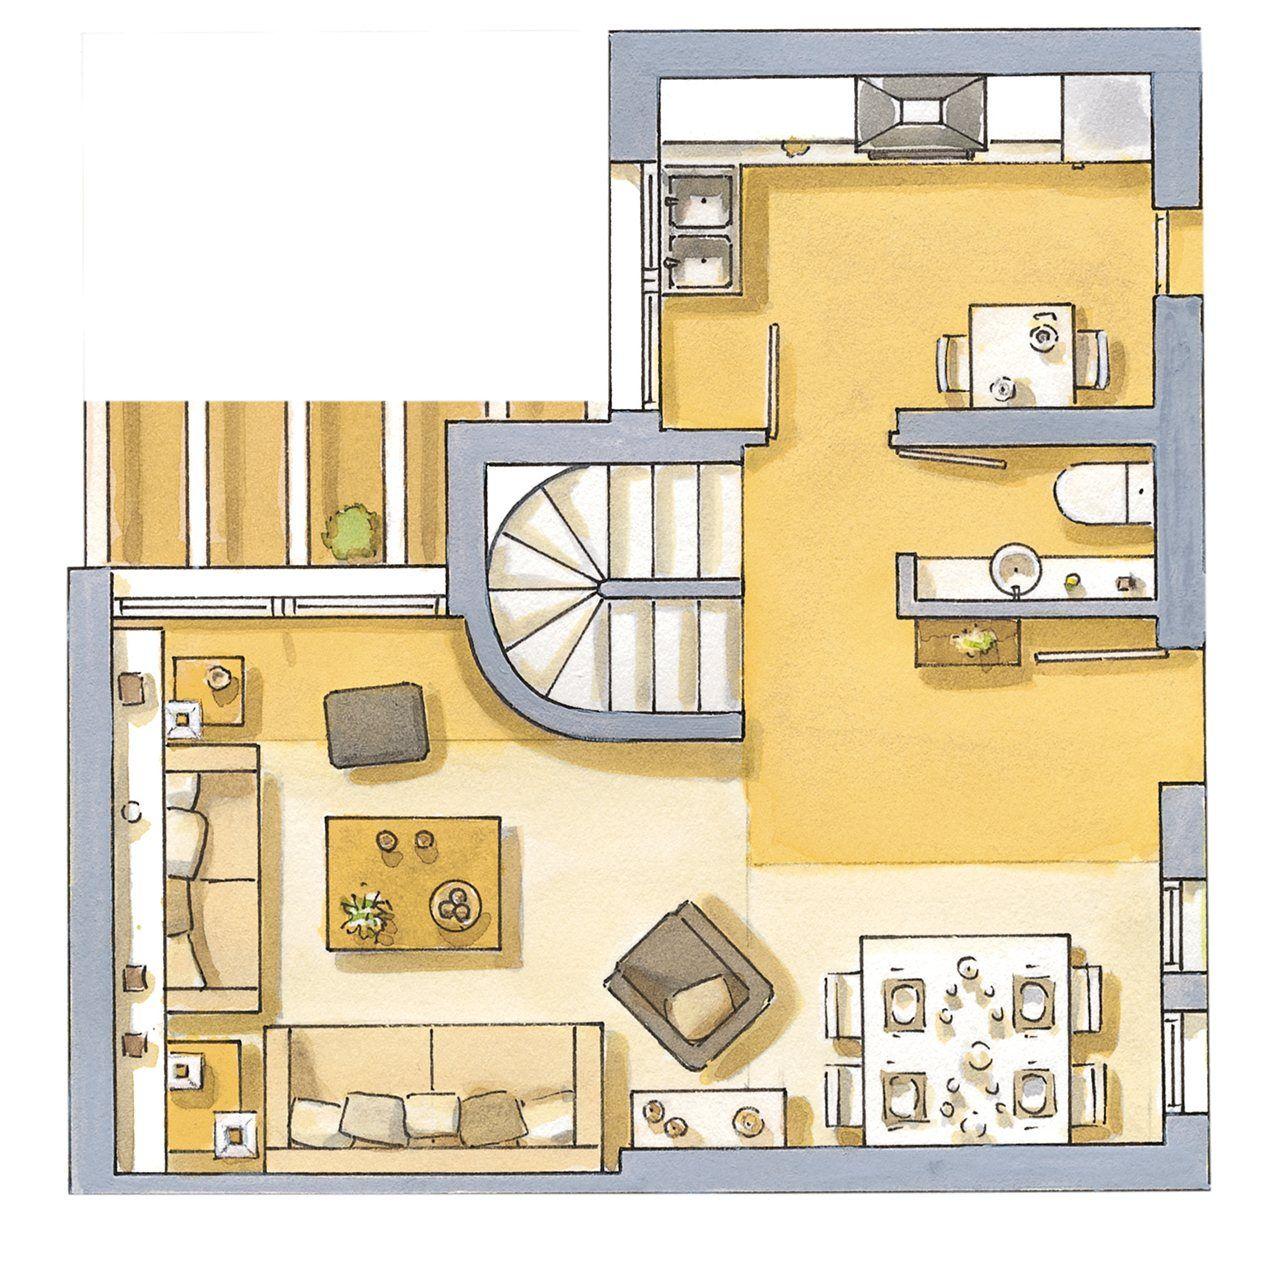 planos de casas modernas de 65m2